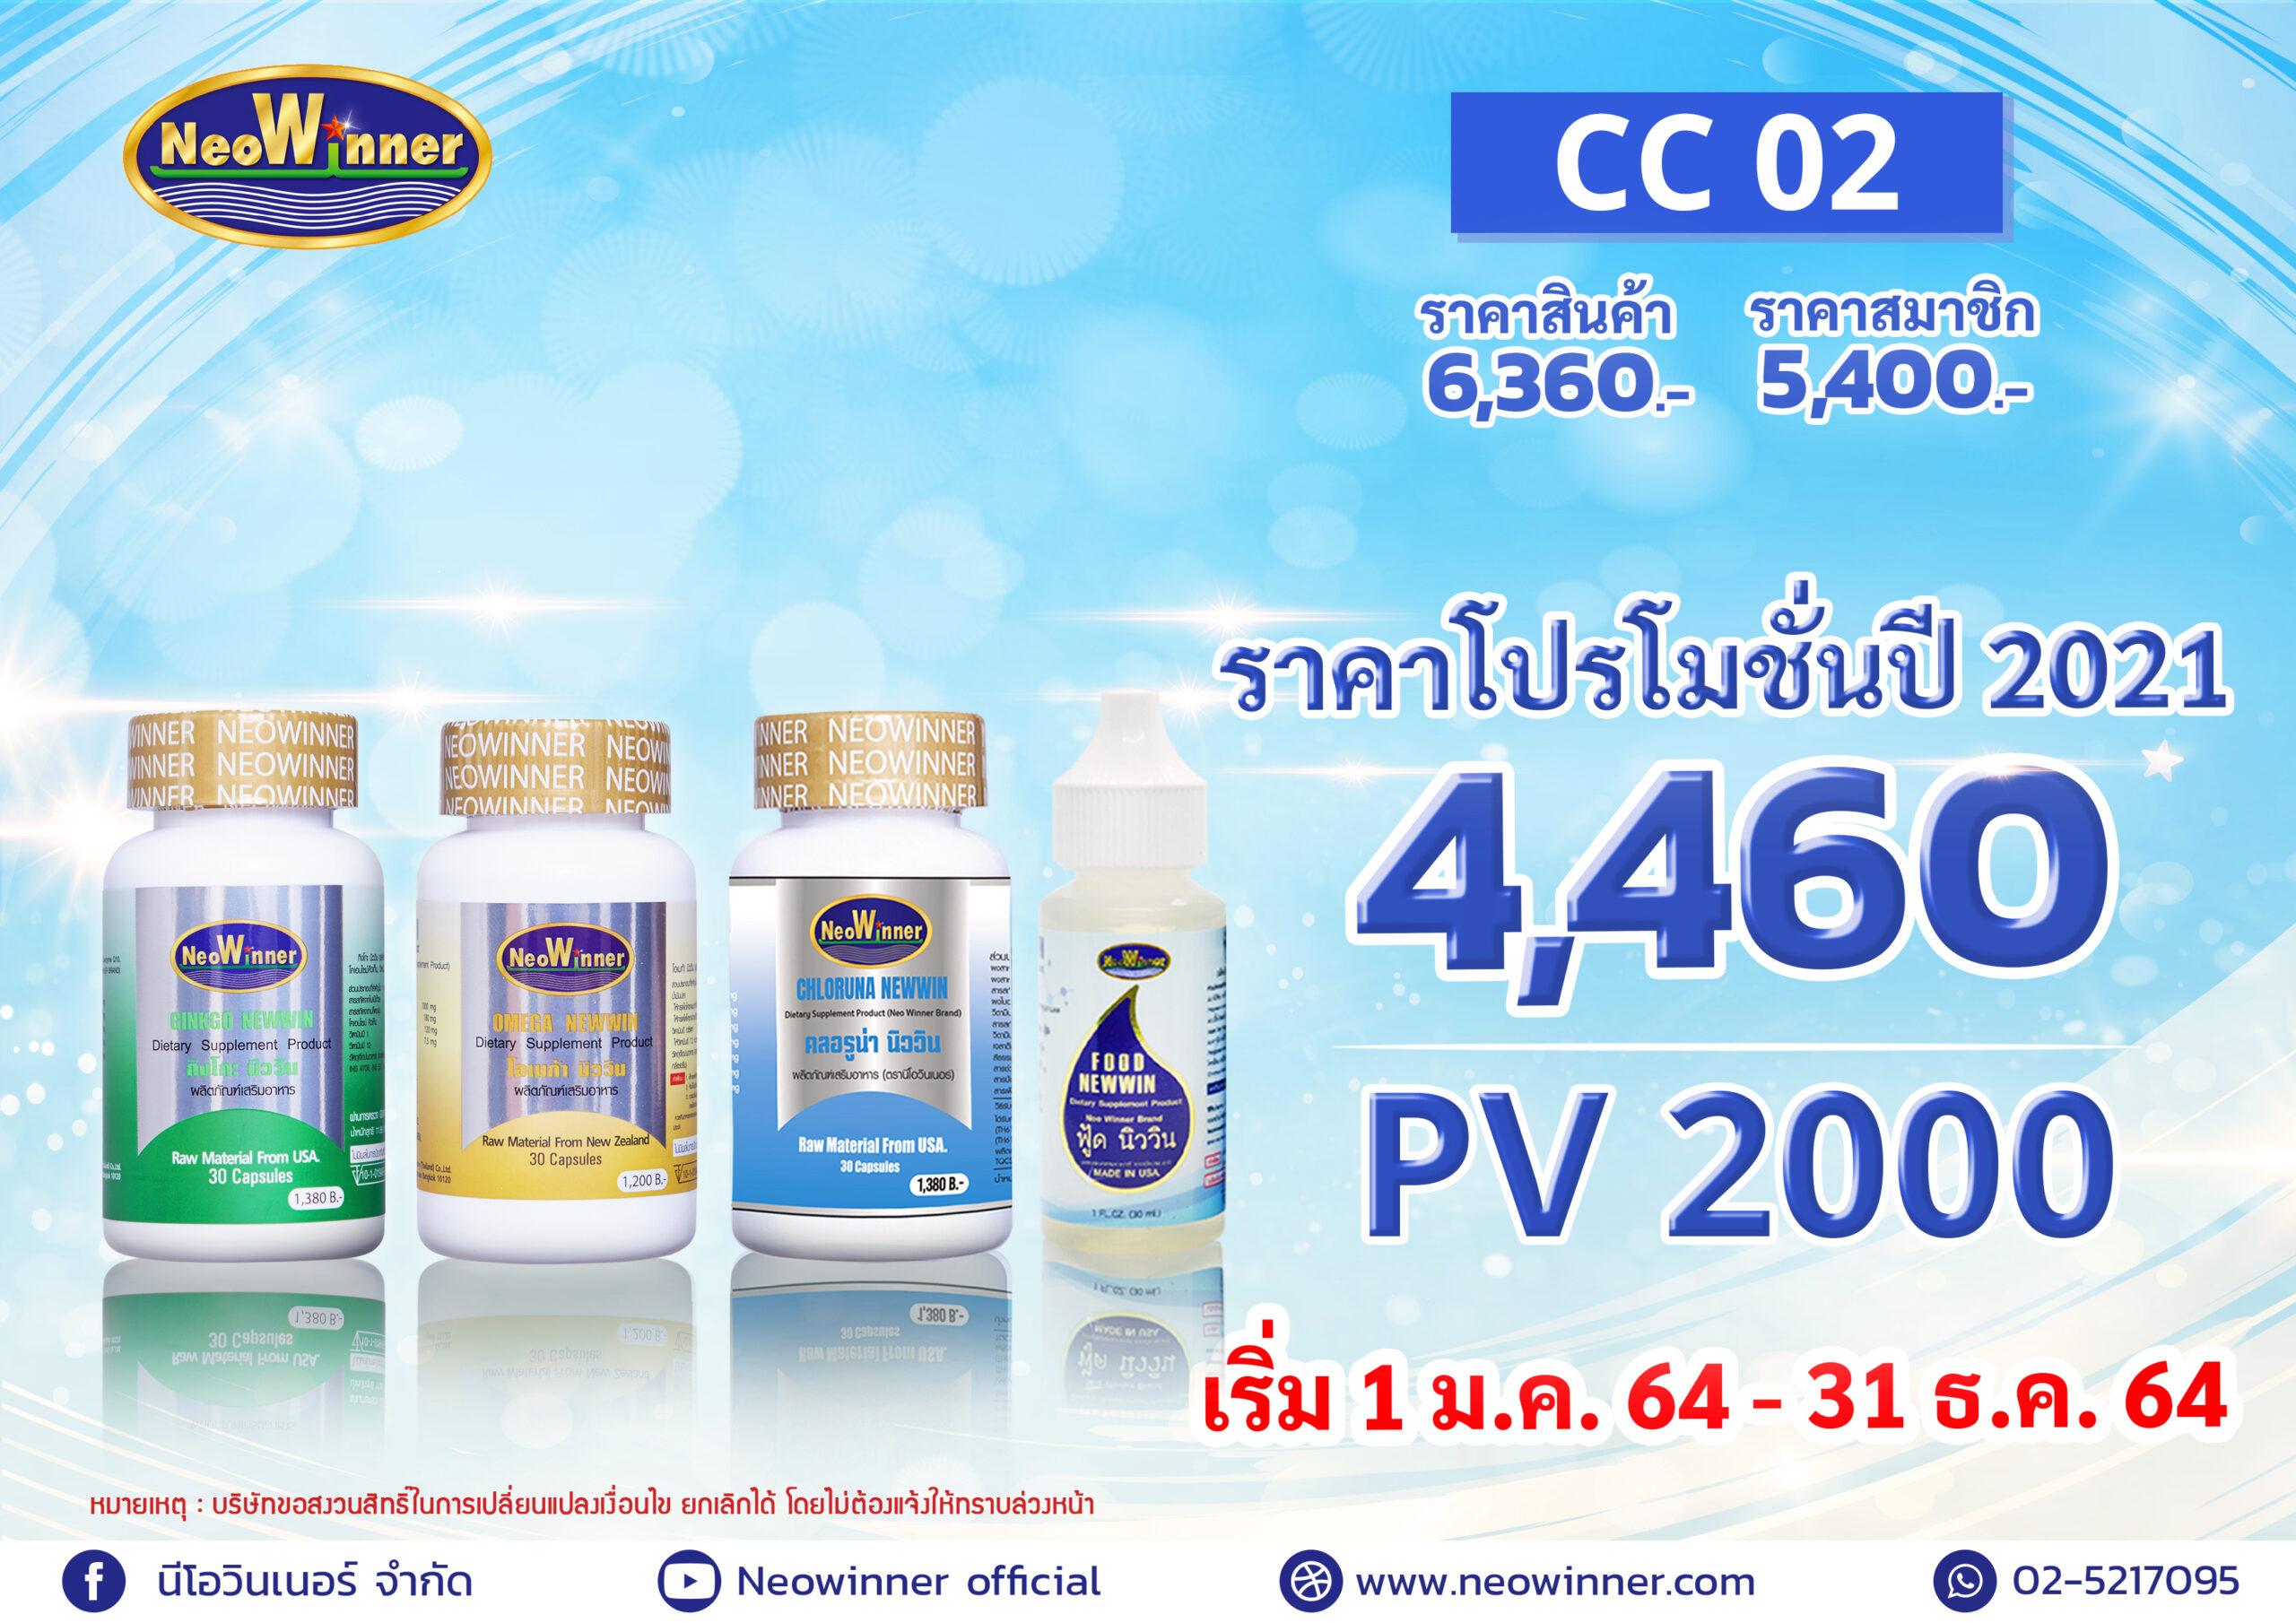 Promotion-CC-02-2021